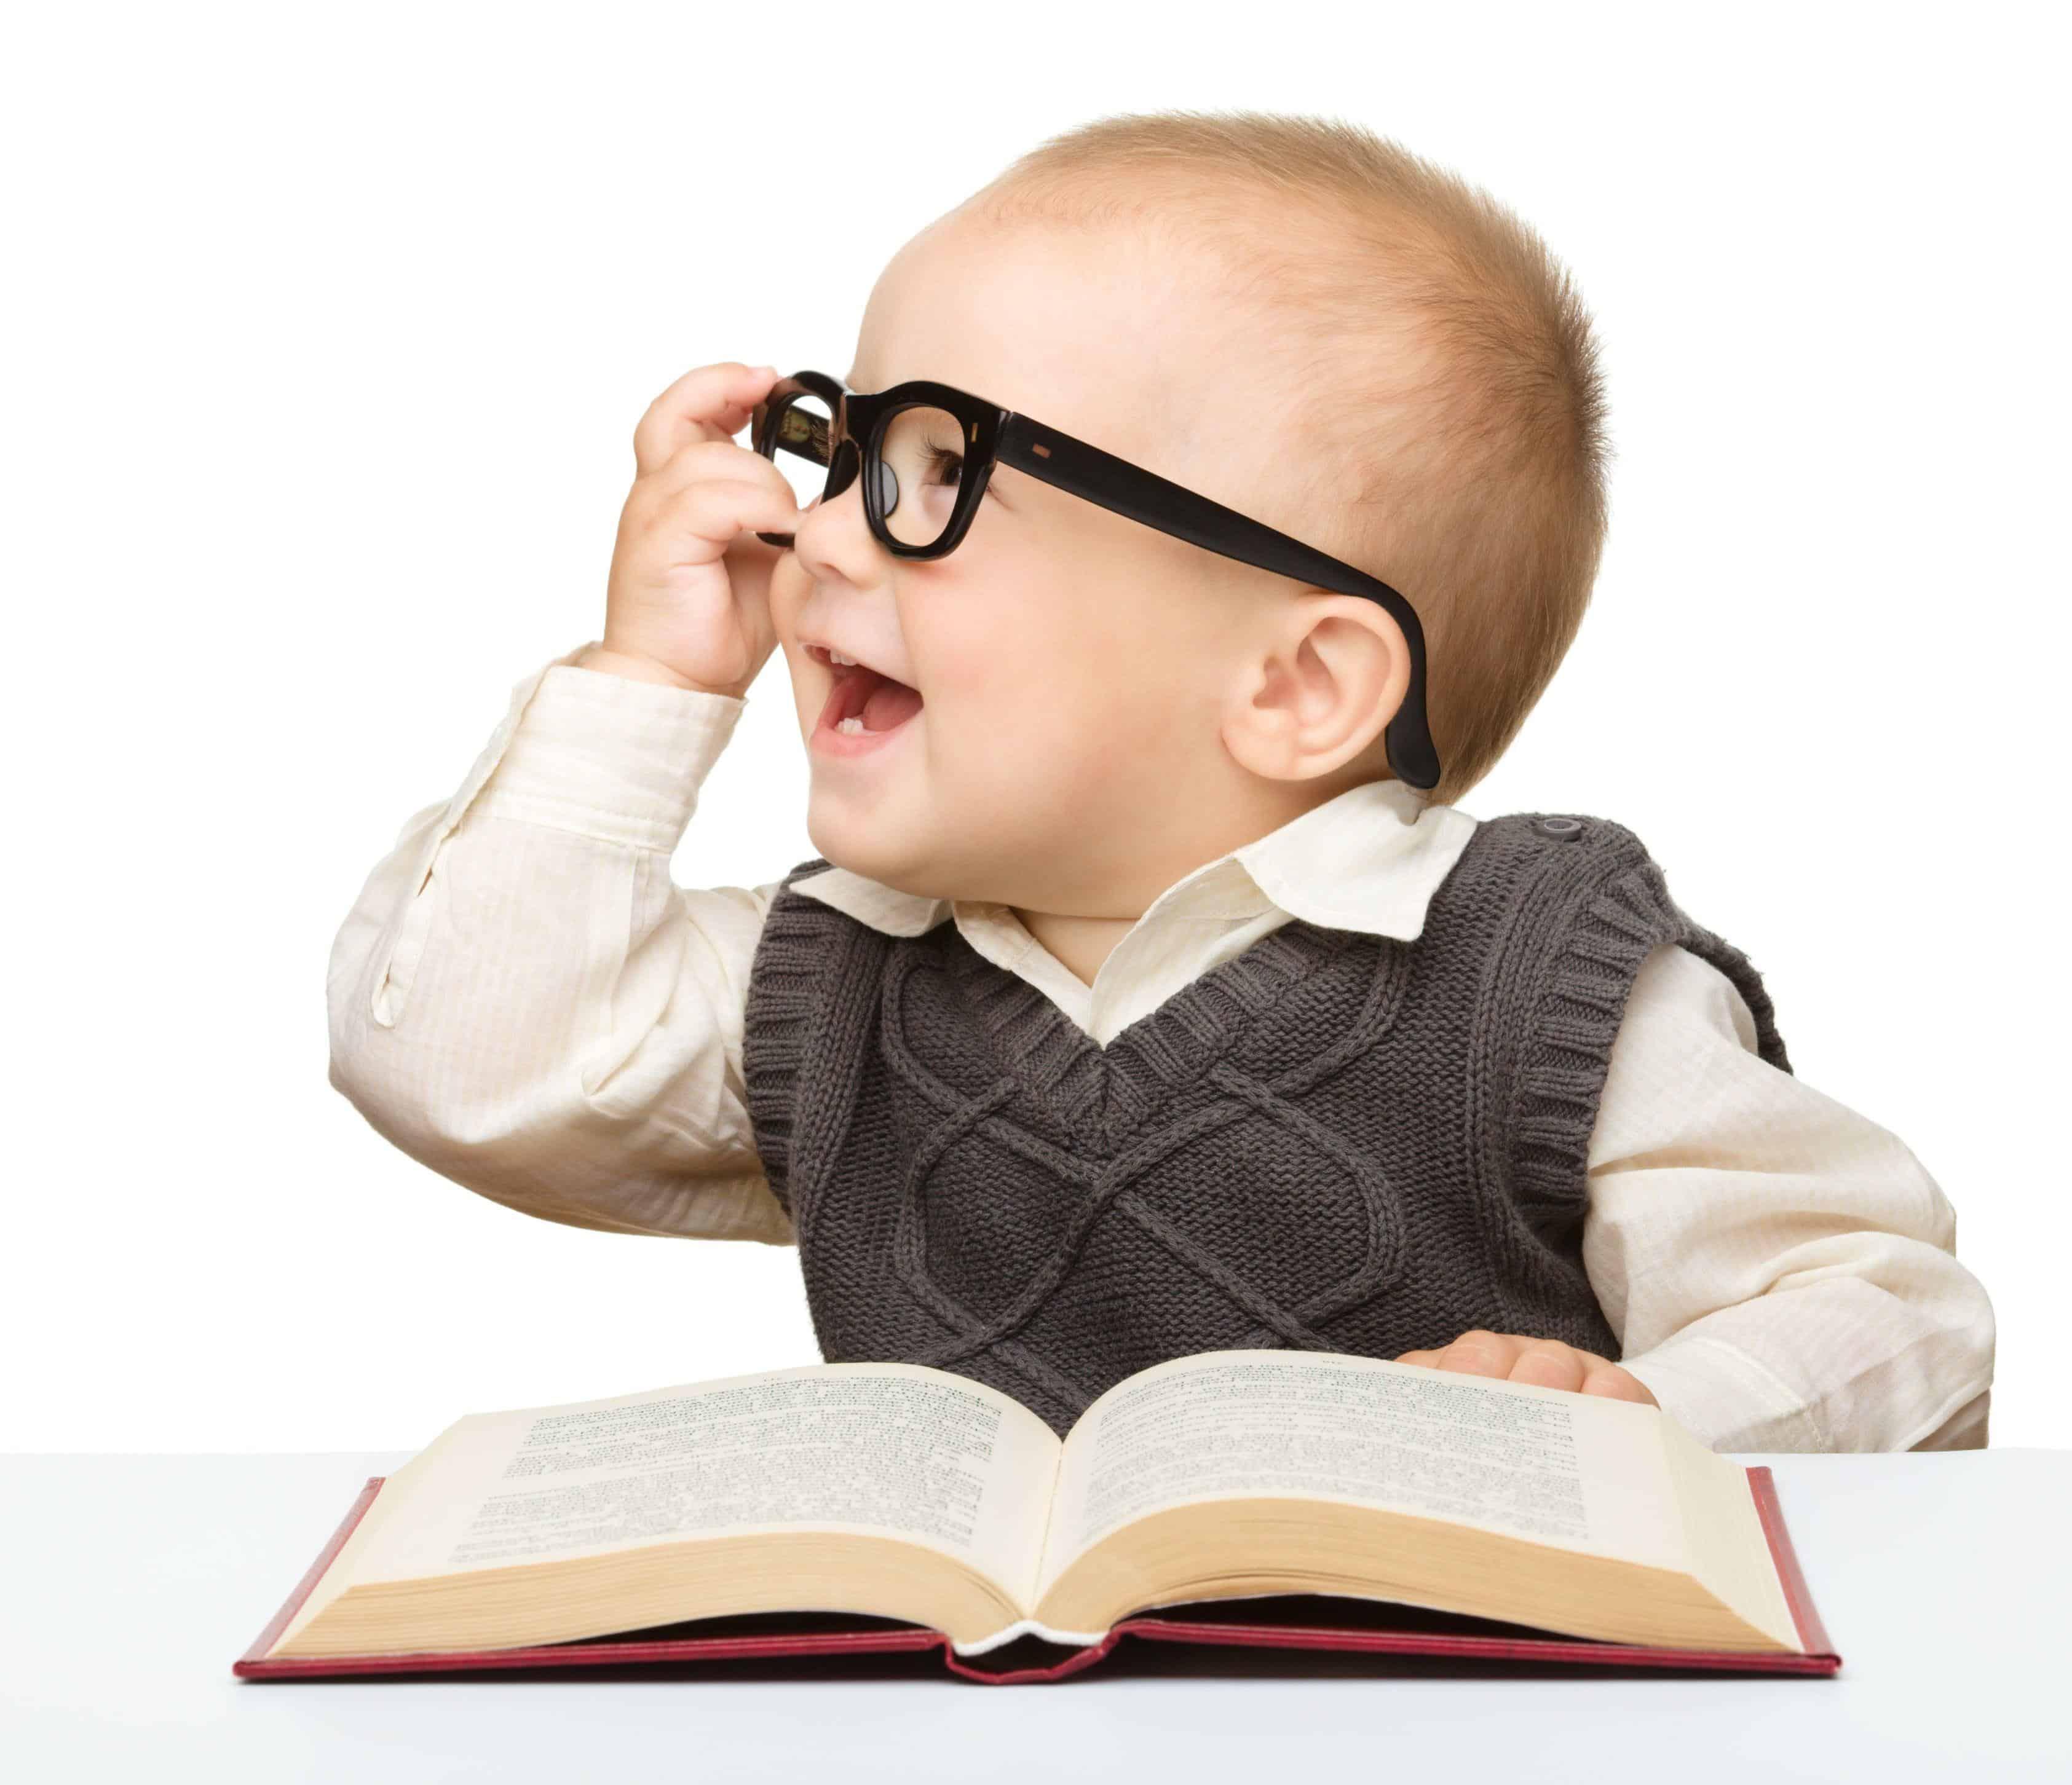 تمارين لزيادة ذكاء الطفل